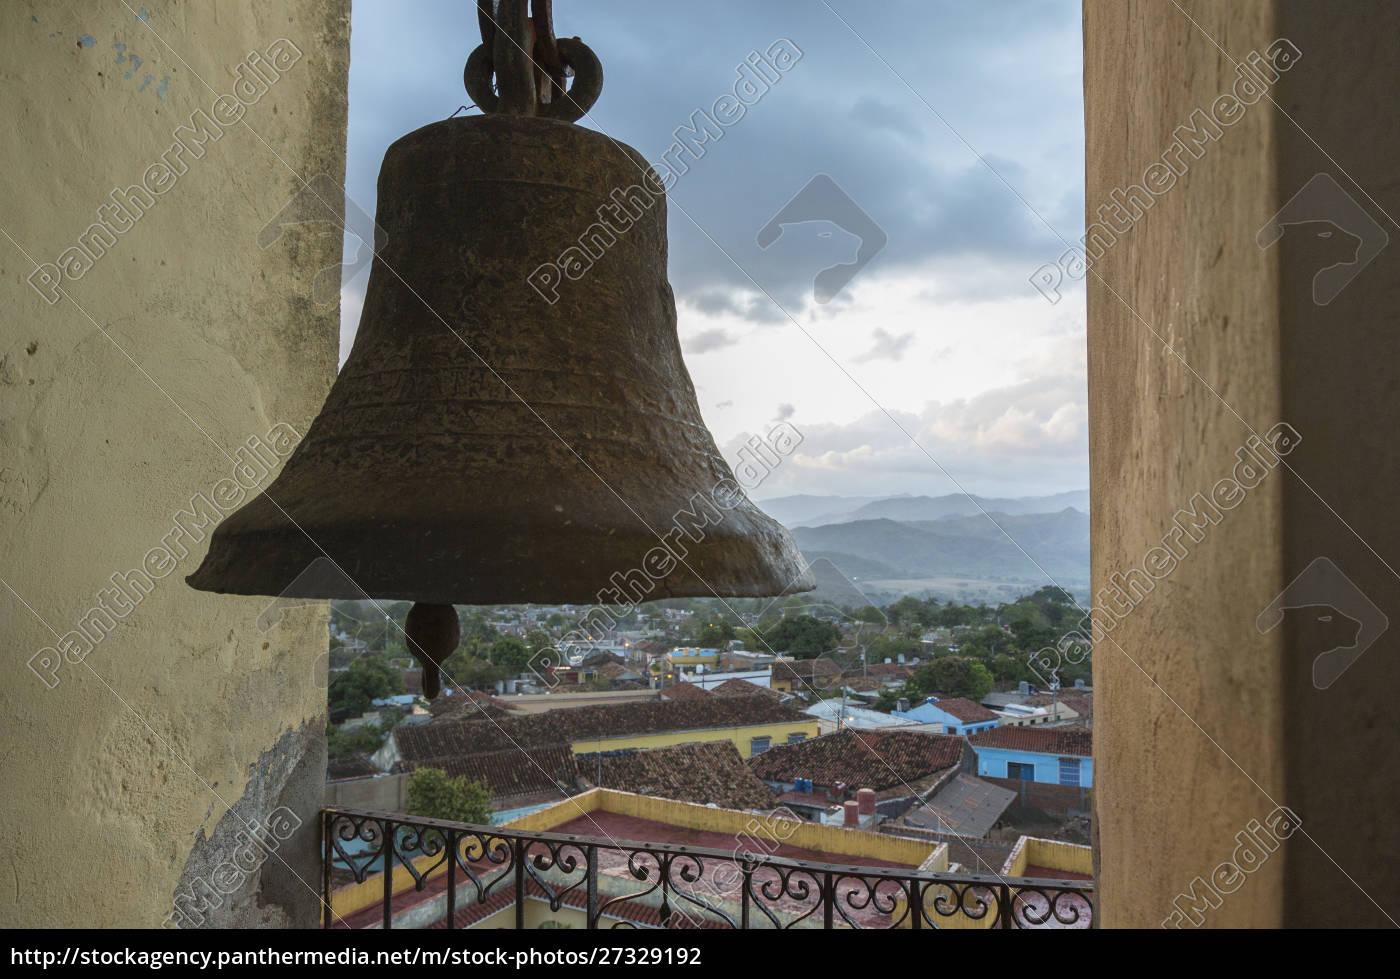 cuba, trinidad., vista, da, cidade, da, torre - 27329192